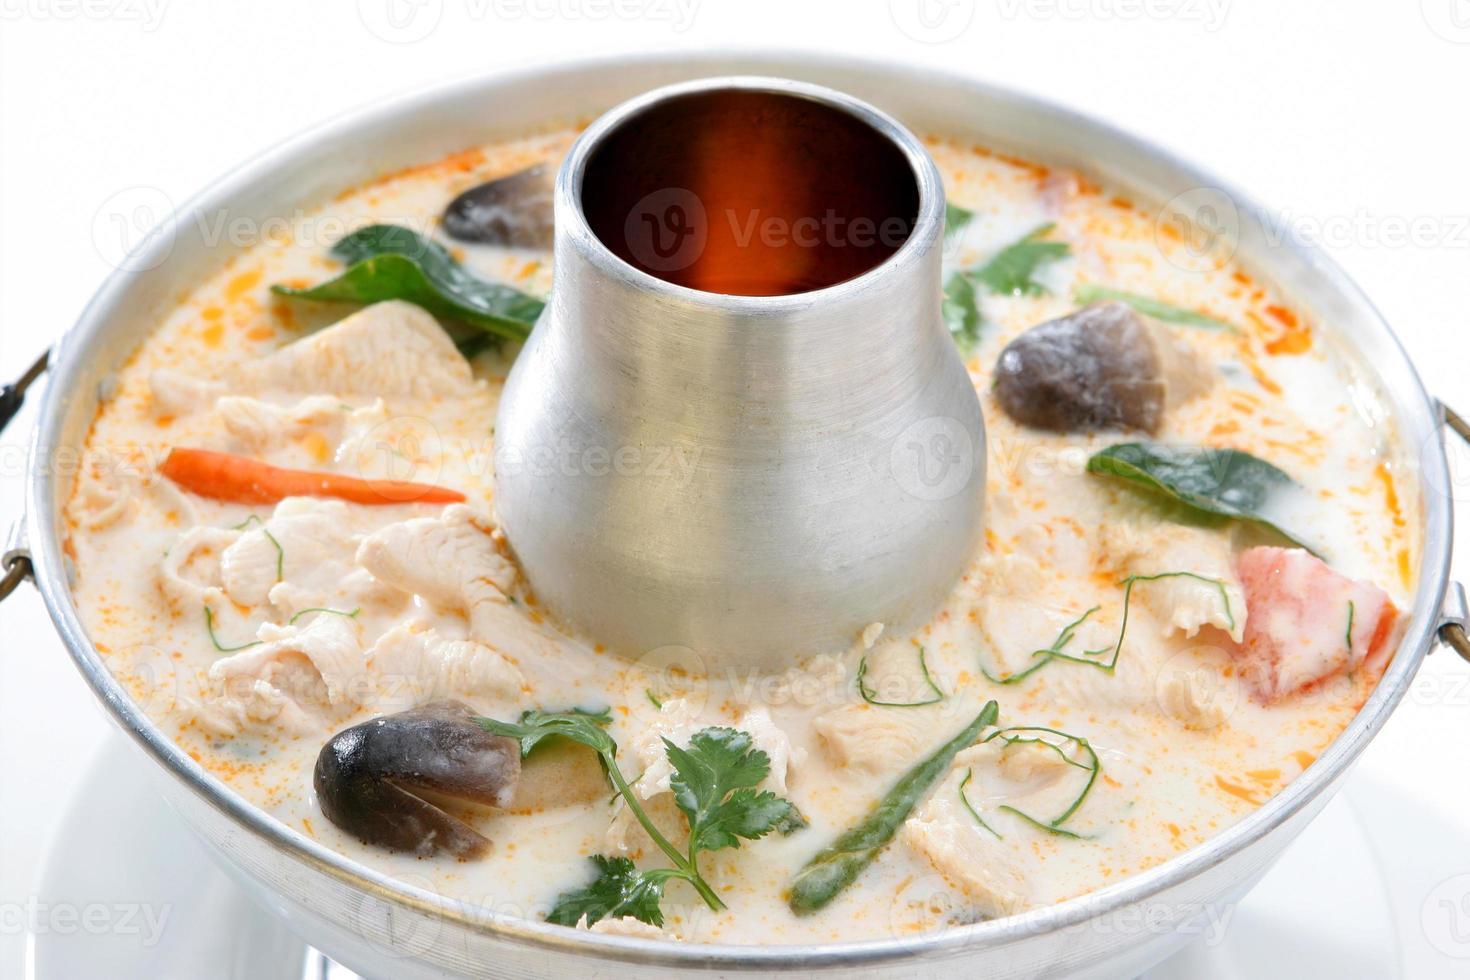 comida tailandesa de tom kha gai foto